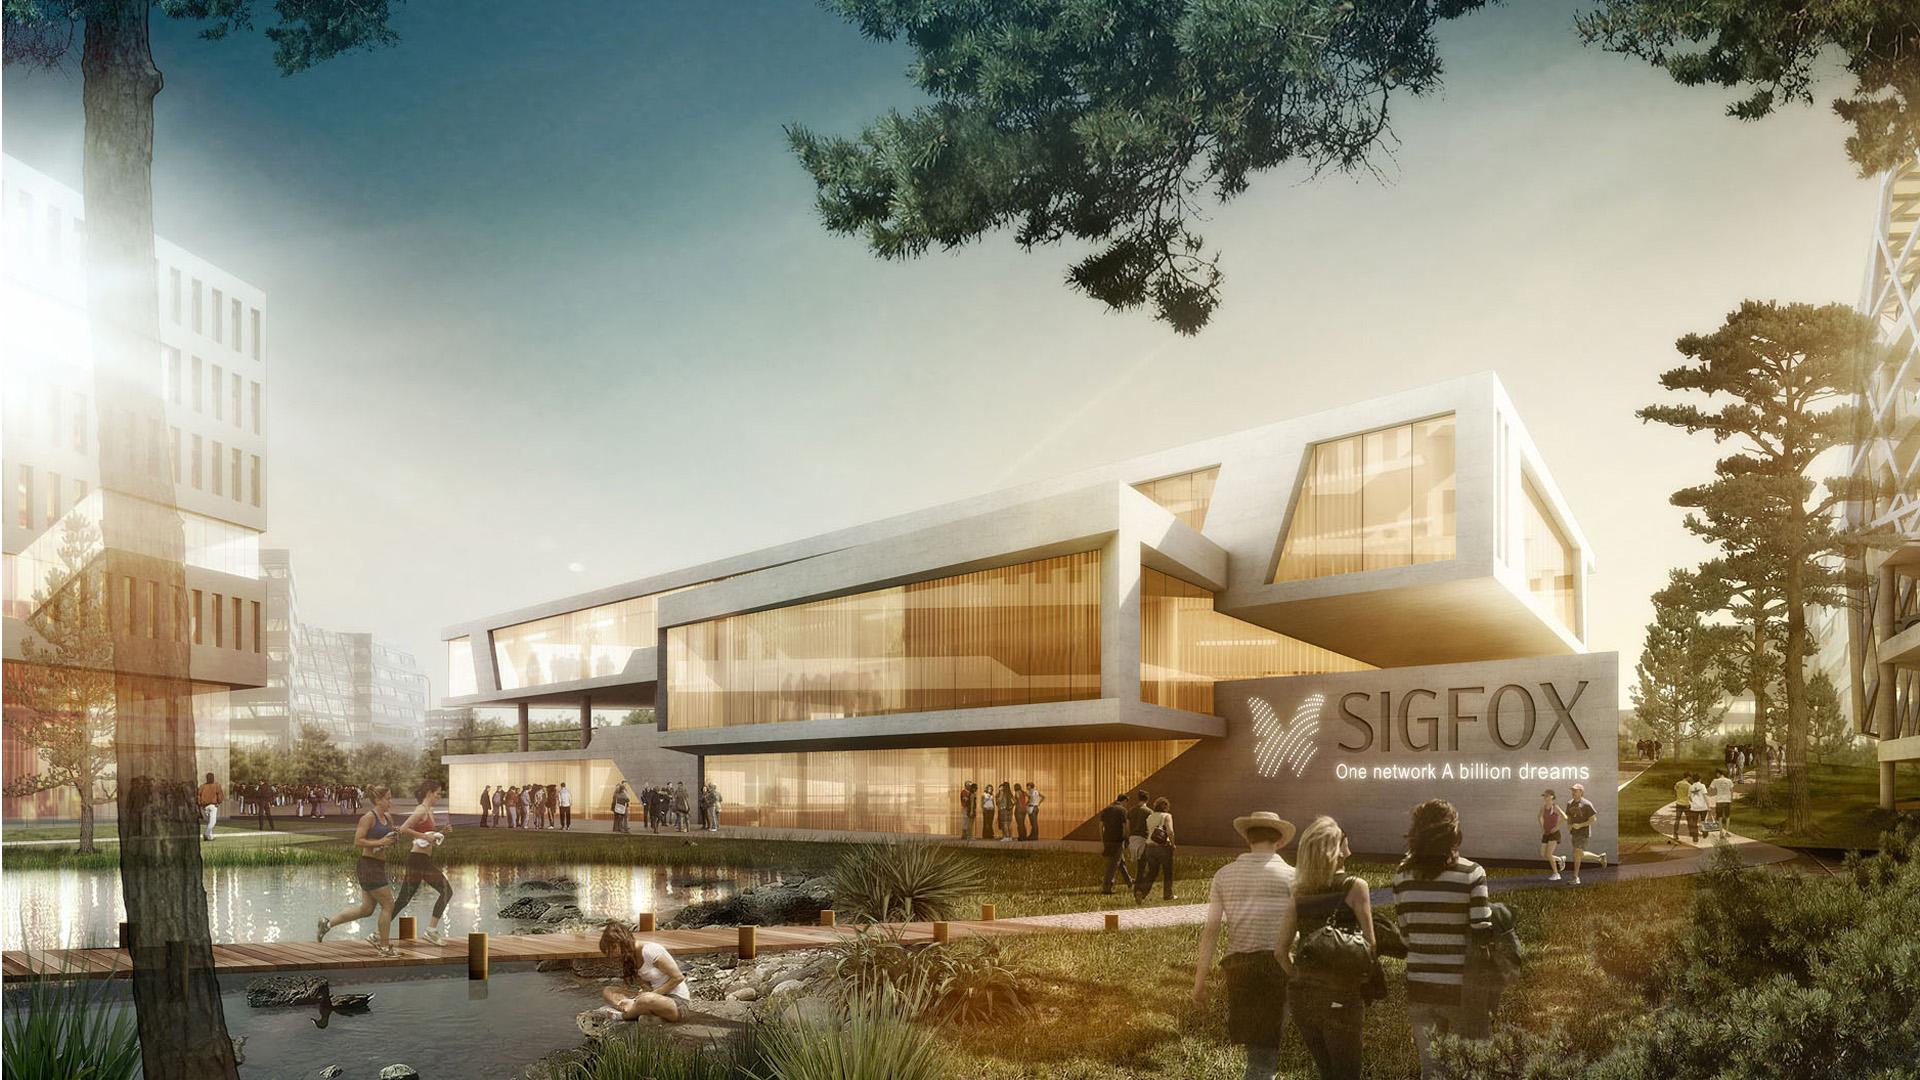 04-Seuil-architecture-Sigfox-image-Poupart